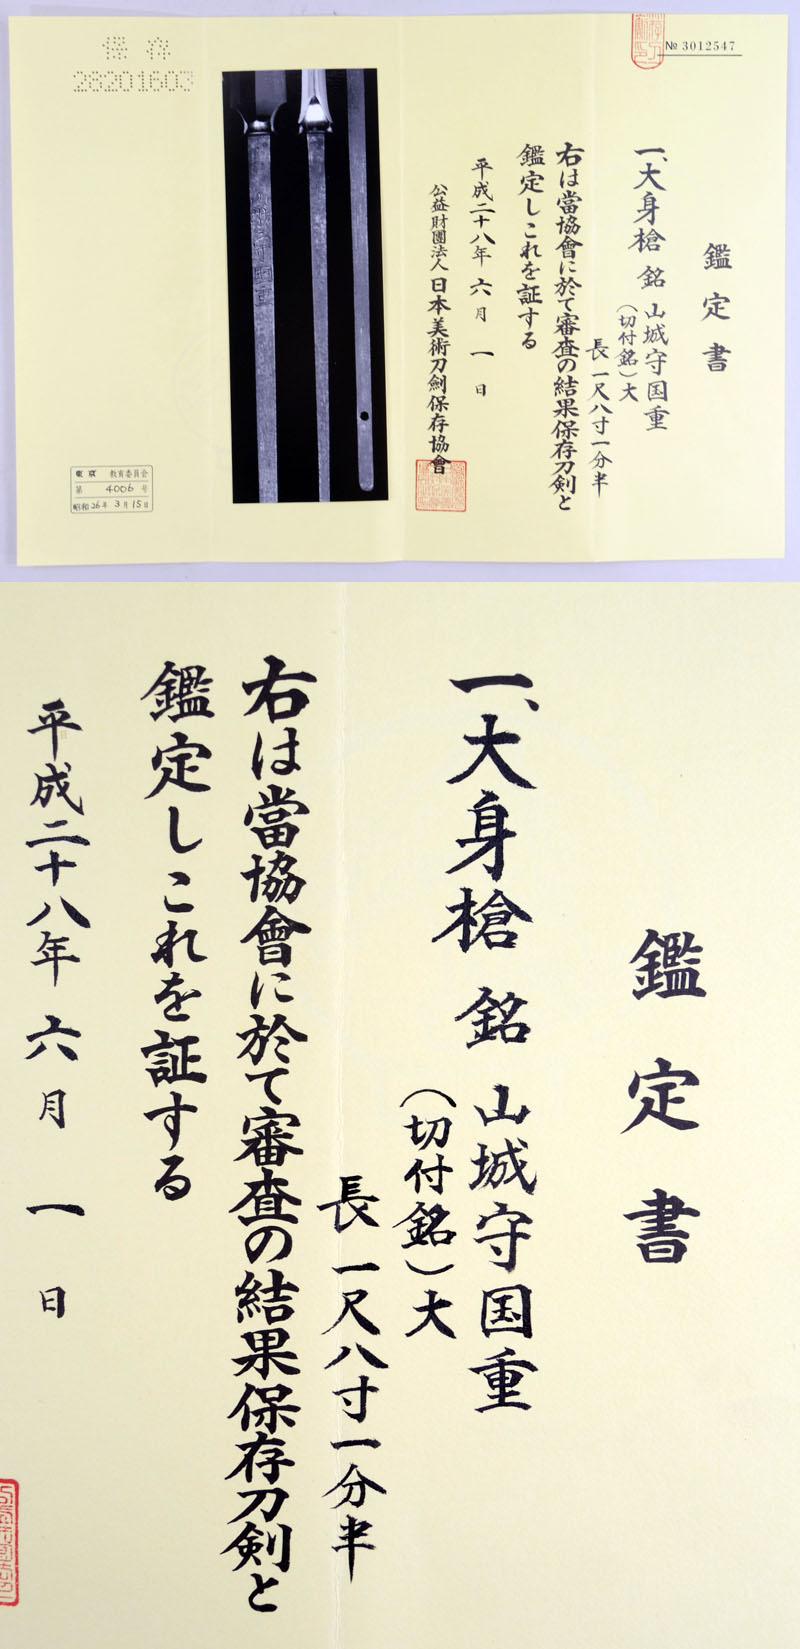 山城守国重 Picture of Certificate